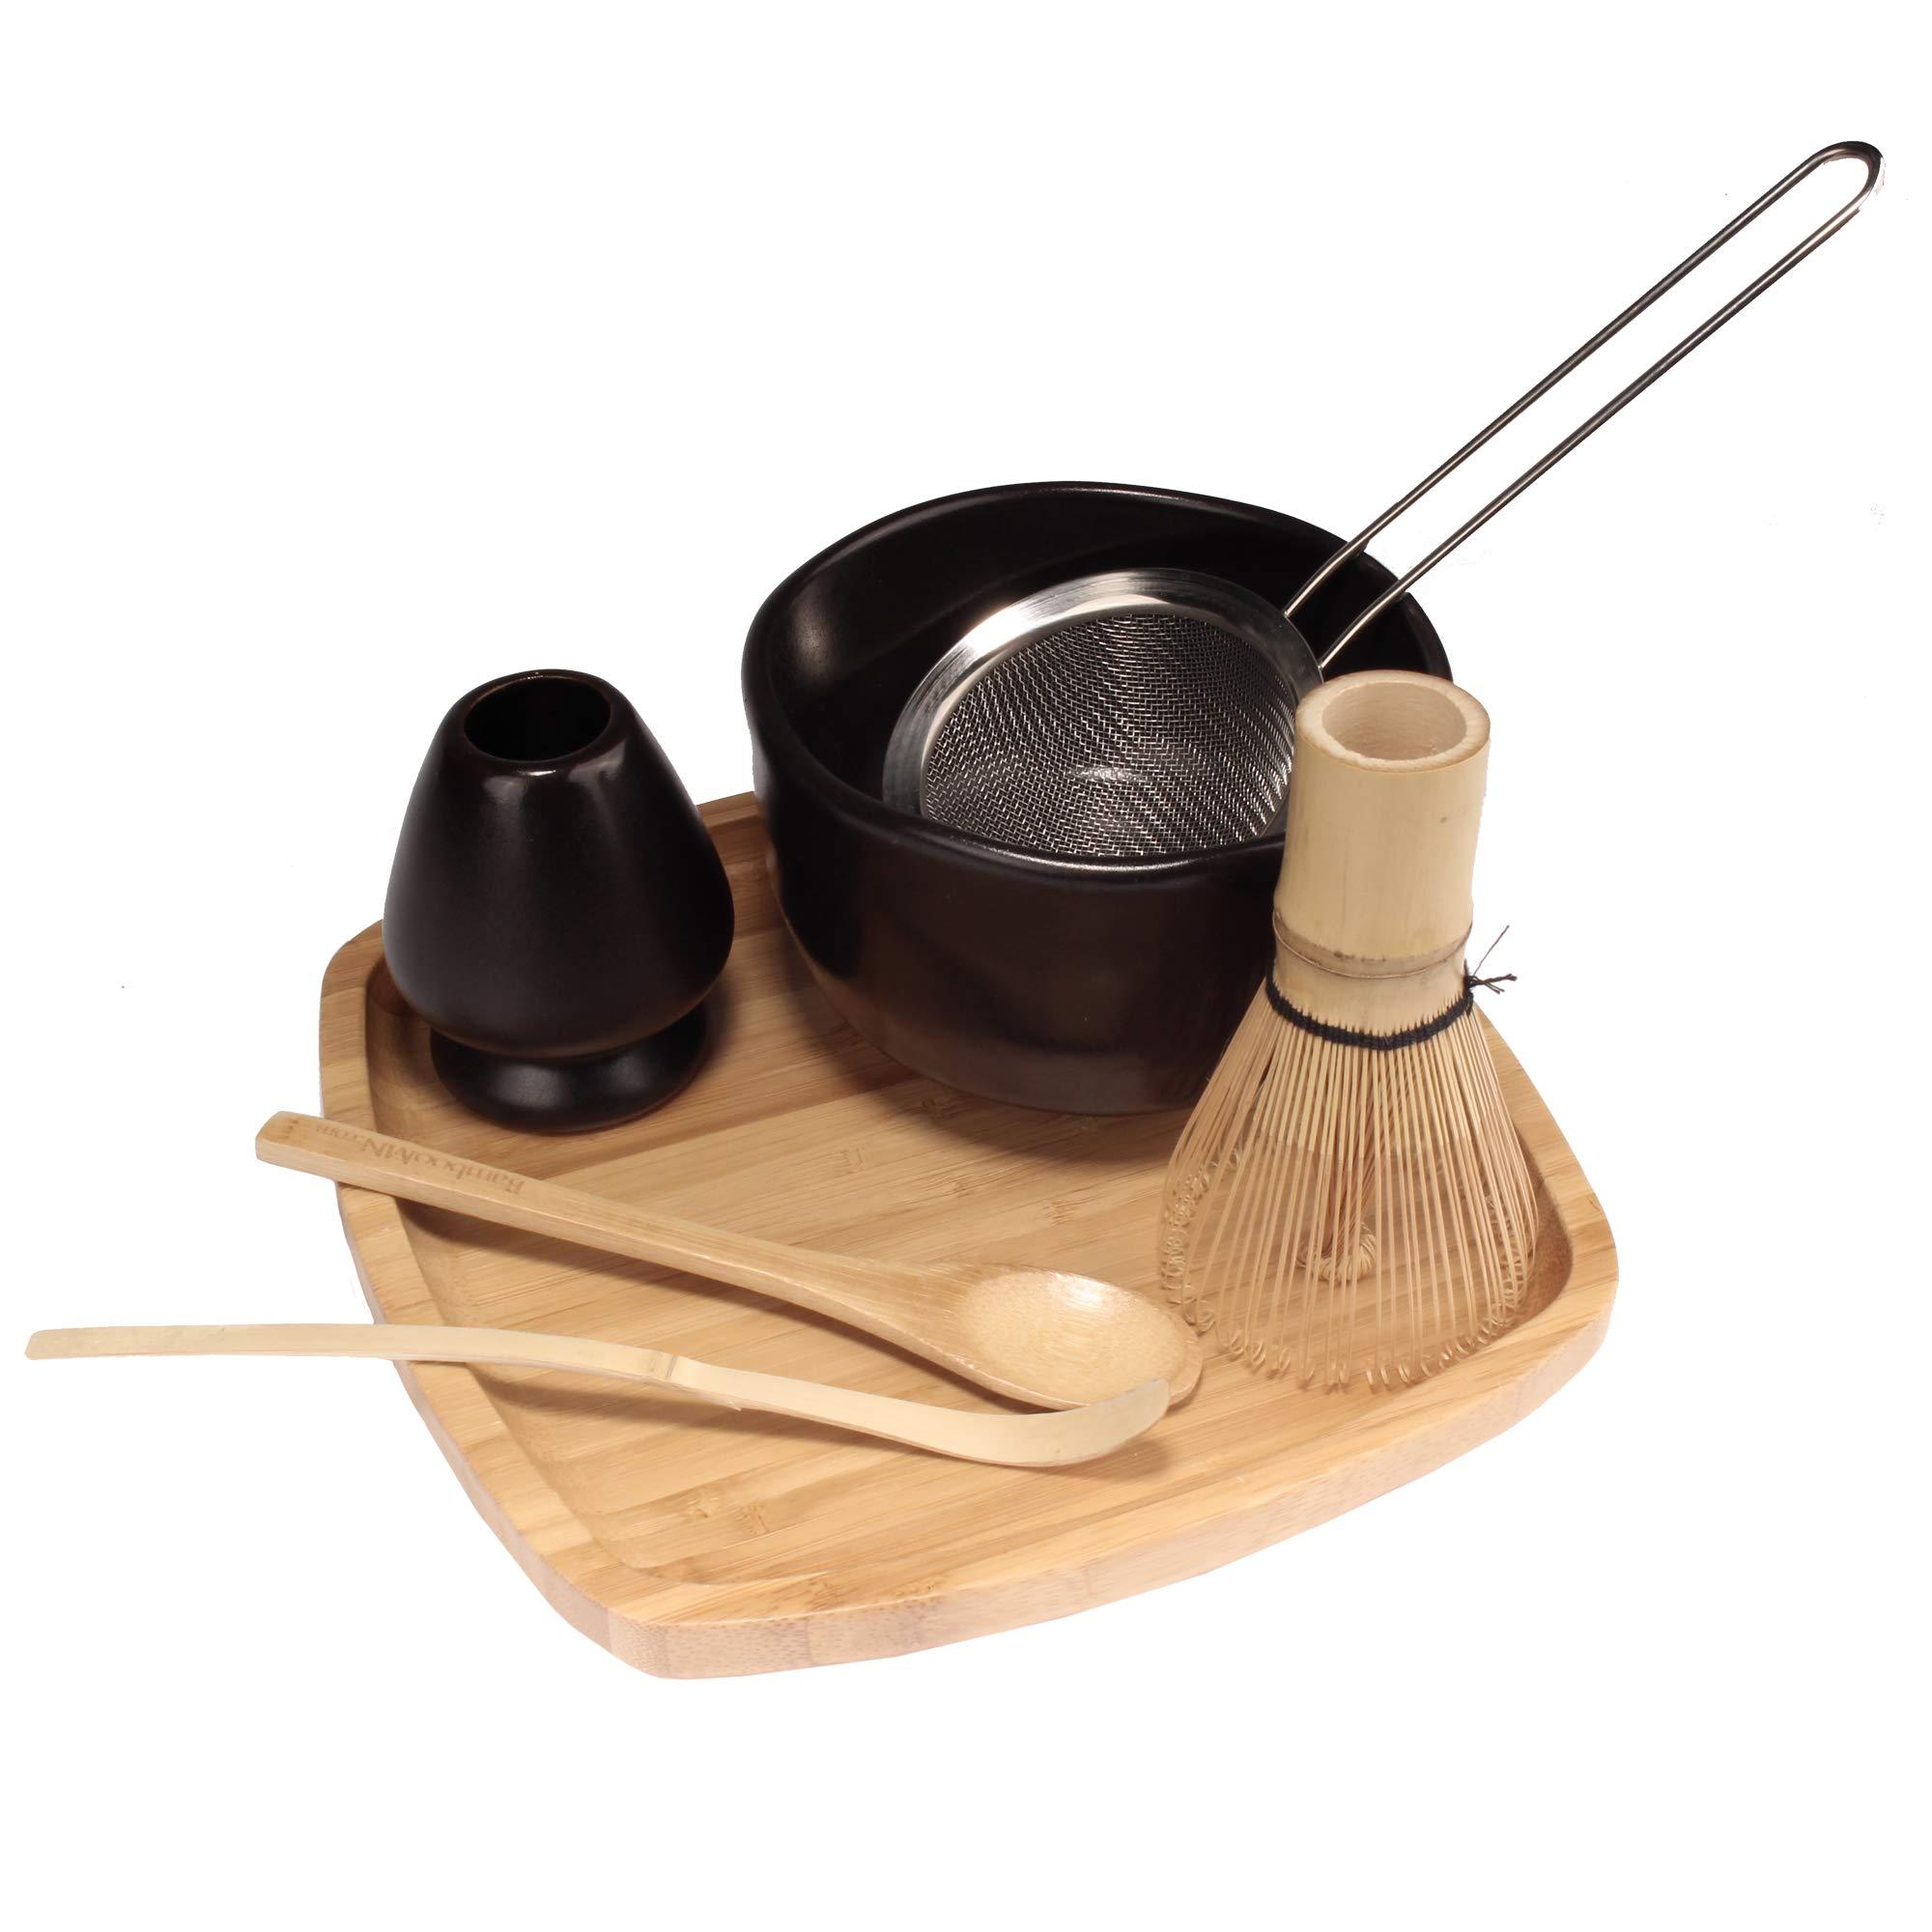 Japanese Ceremonial Matcha Green Tea Whisk Set - Golden Chasen Whisk, Chashaku, Tea Spoon, Black Bowl, Black Rest, Strainer, Tea Tray